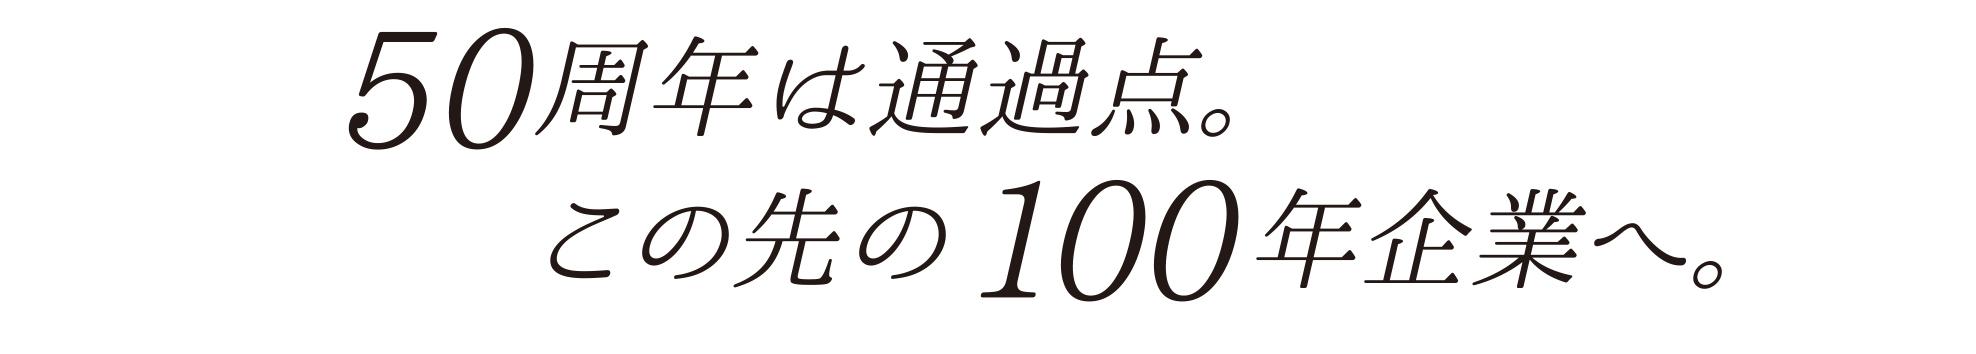 TOP-T.jpg